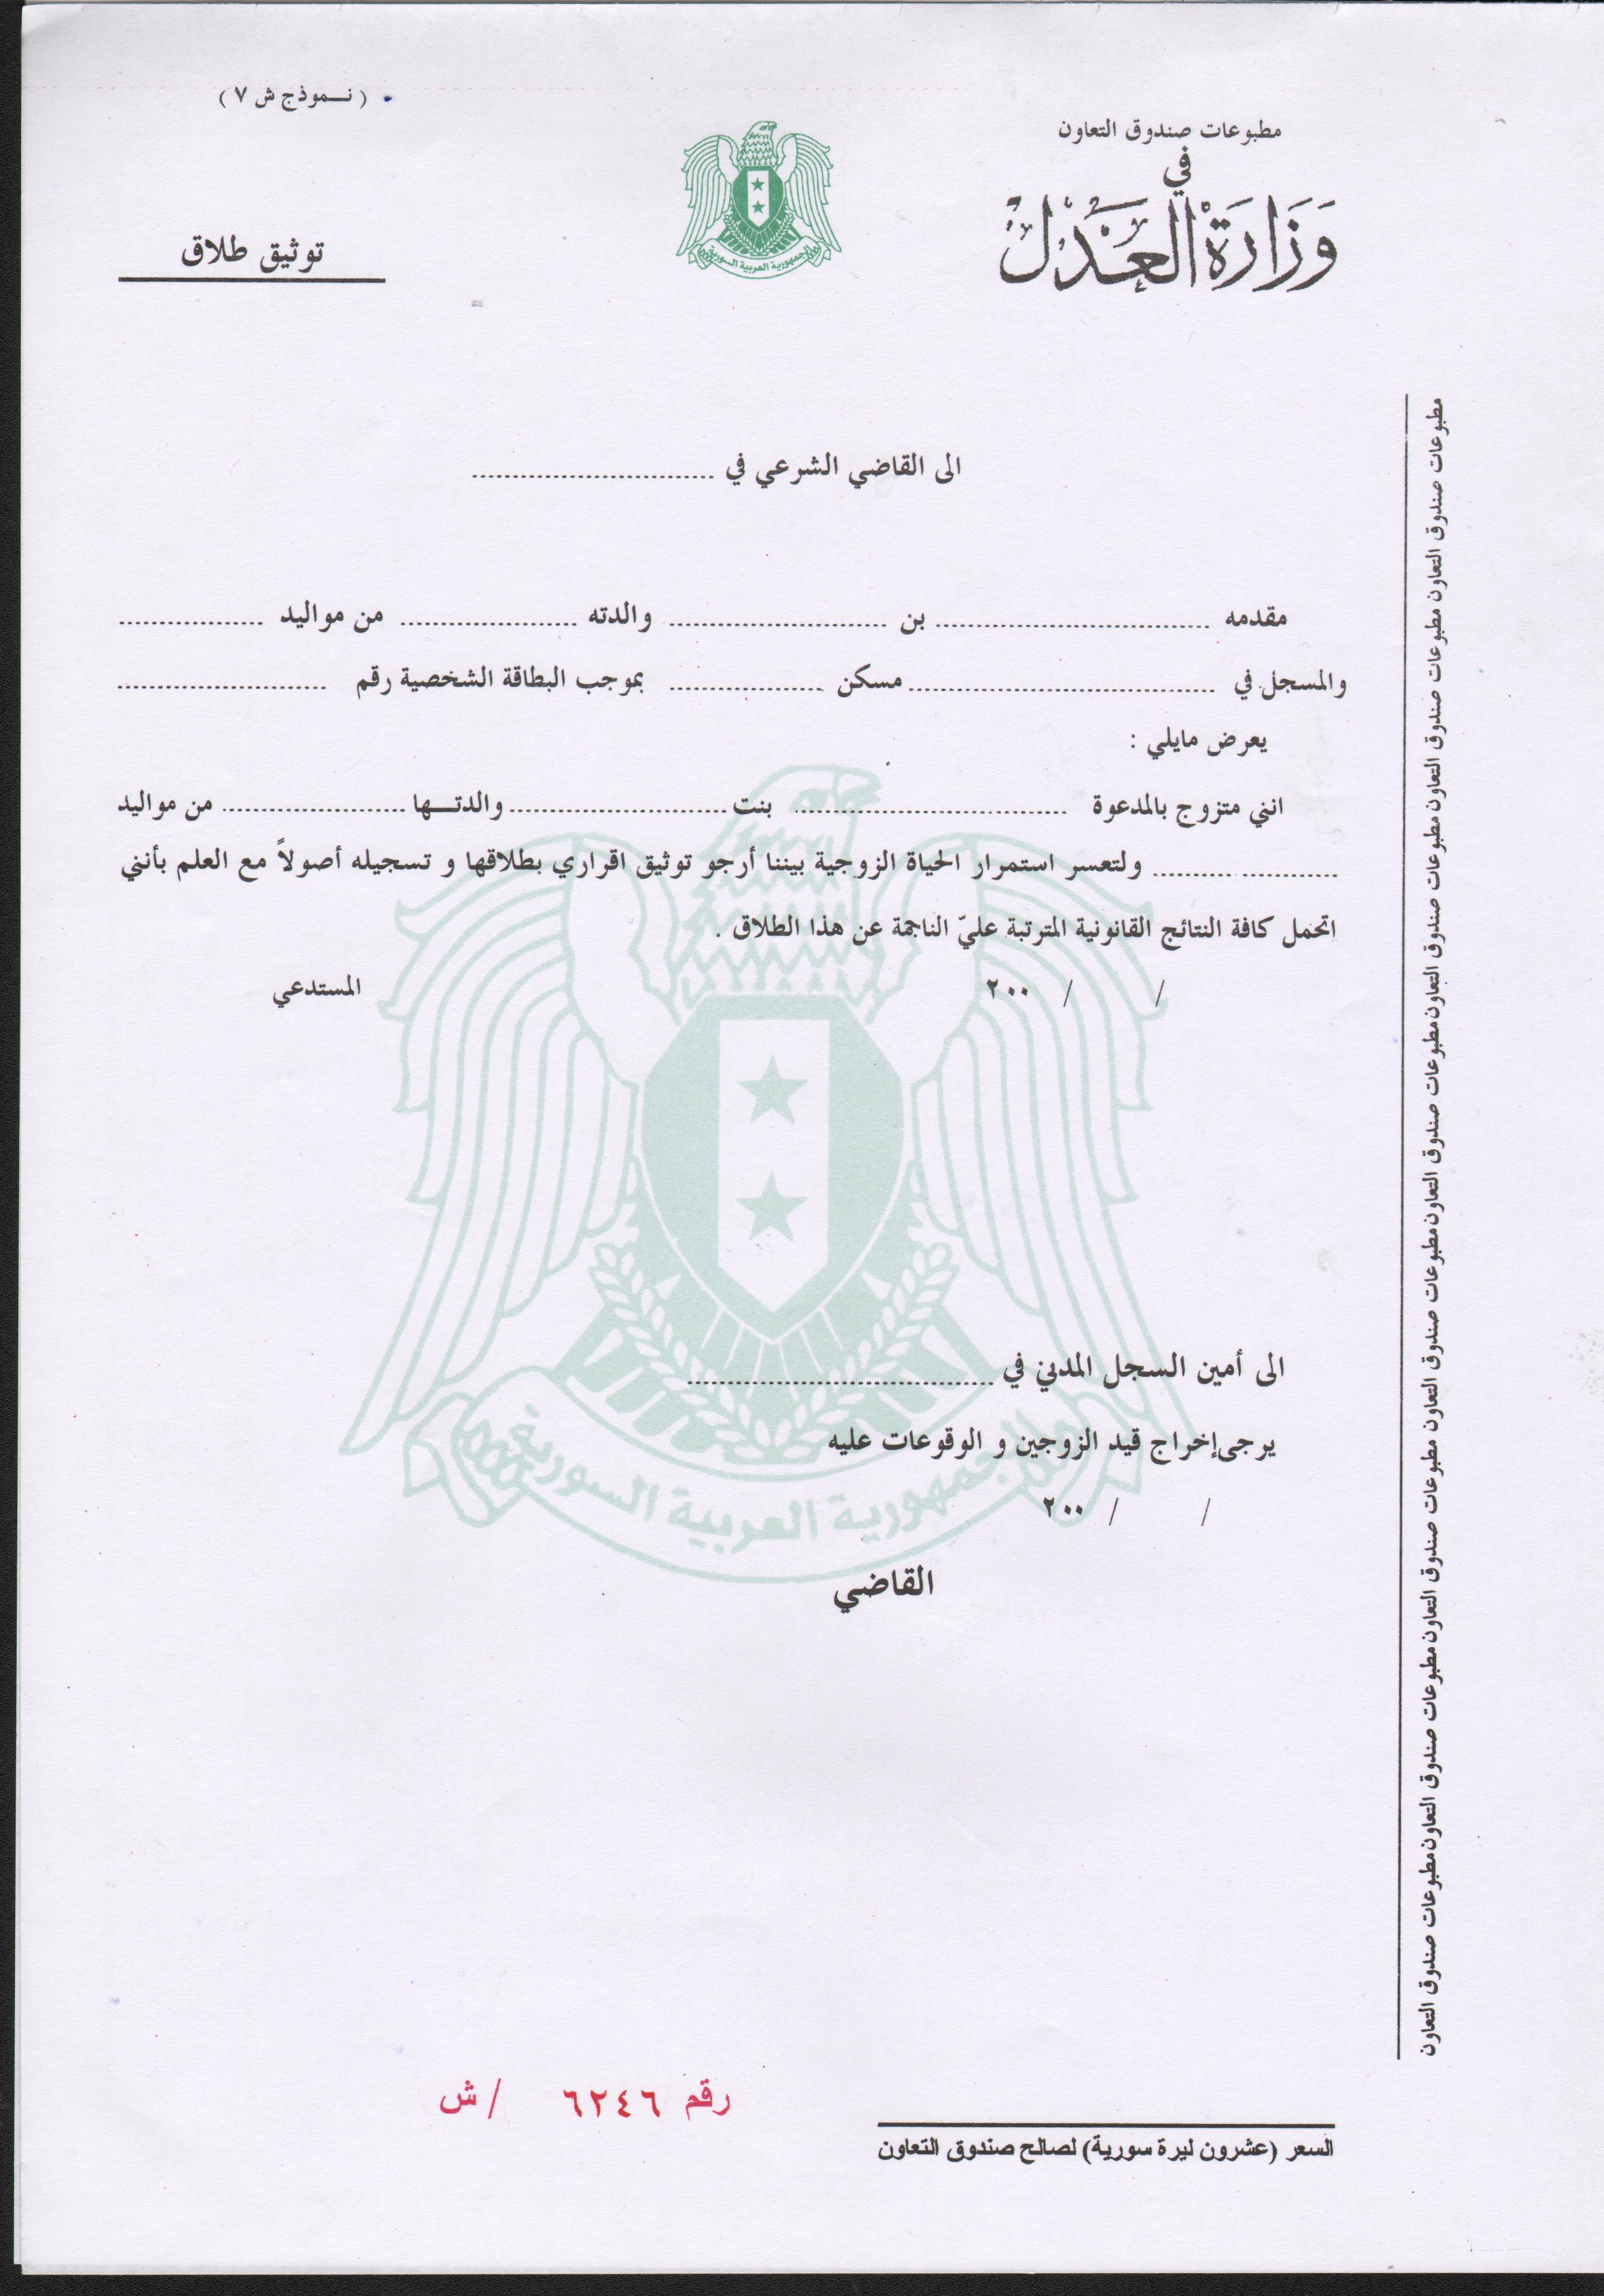 موقع وزارة الخارجية والمغتربين الجمهورية العربية السورية